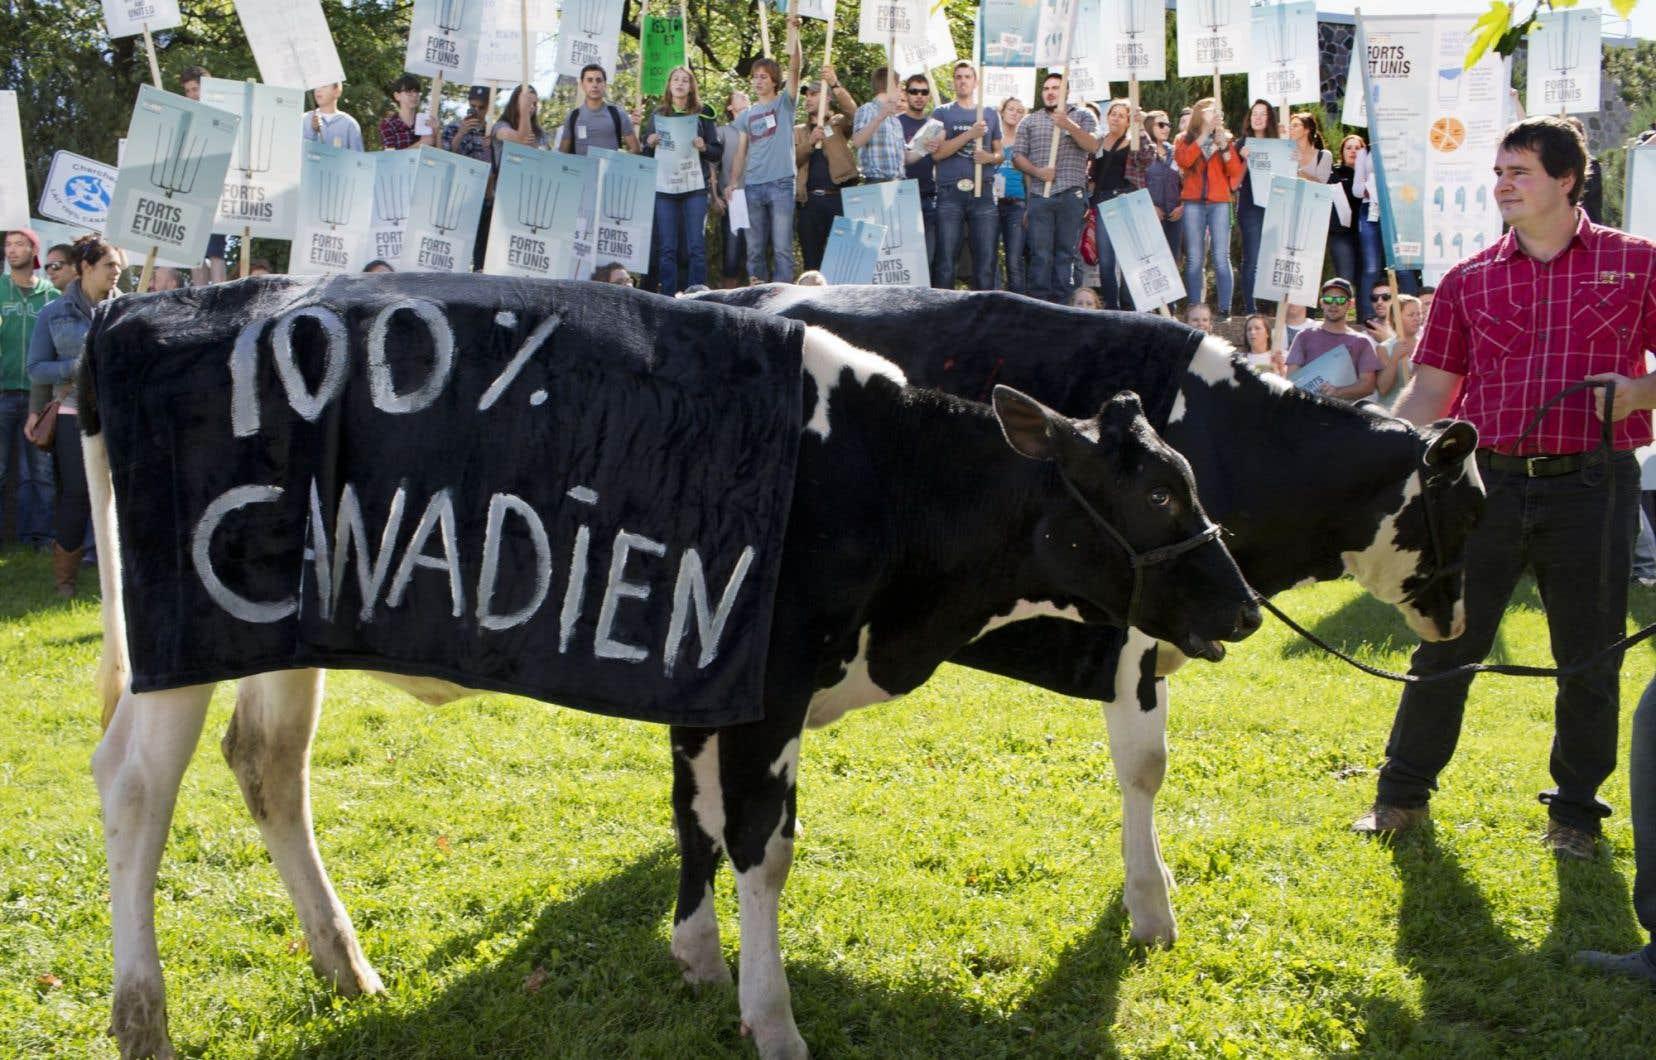 Des agriculteurs inquiets des dispositions du Partenariat transpacifique ont manifesté avec leur bétail.